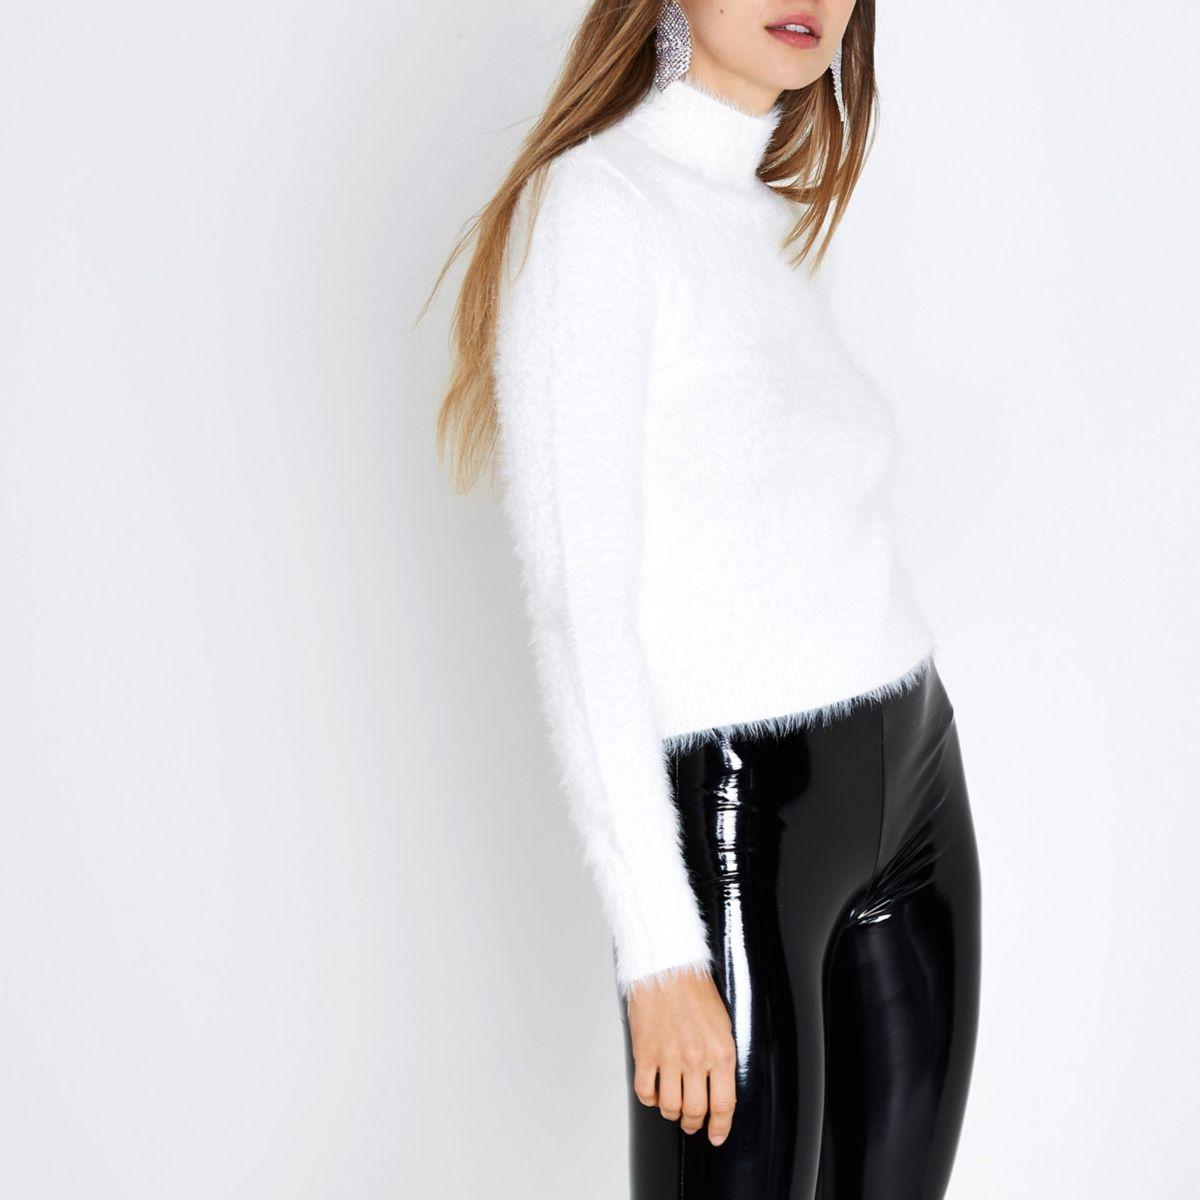 Weißer, hochgeschlossener Pullover